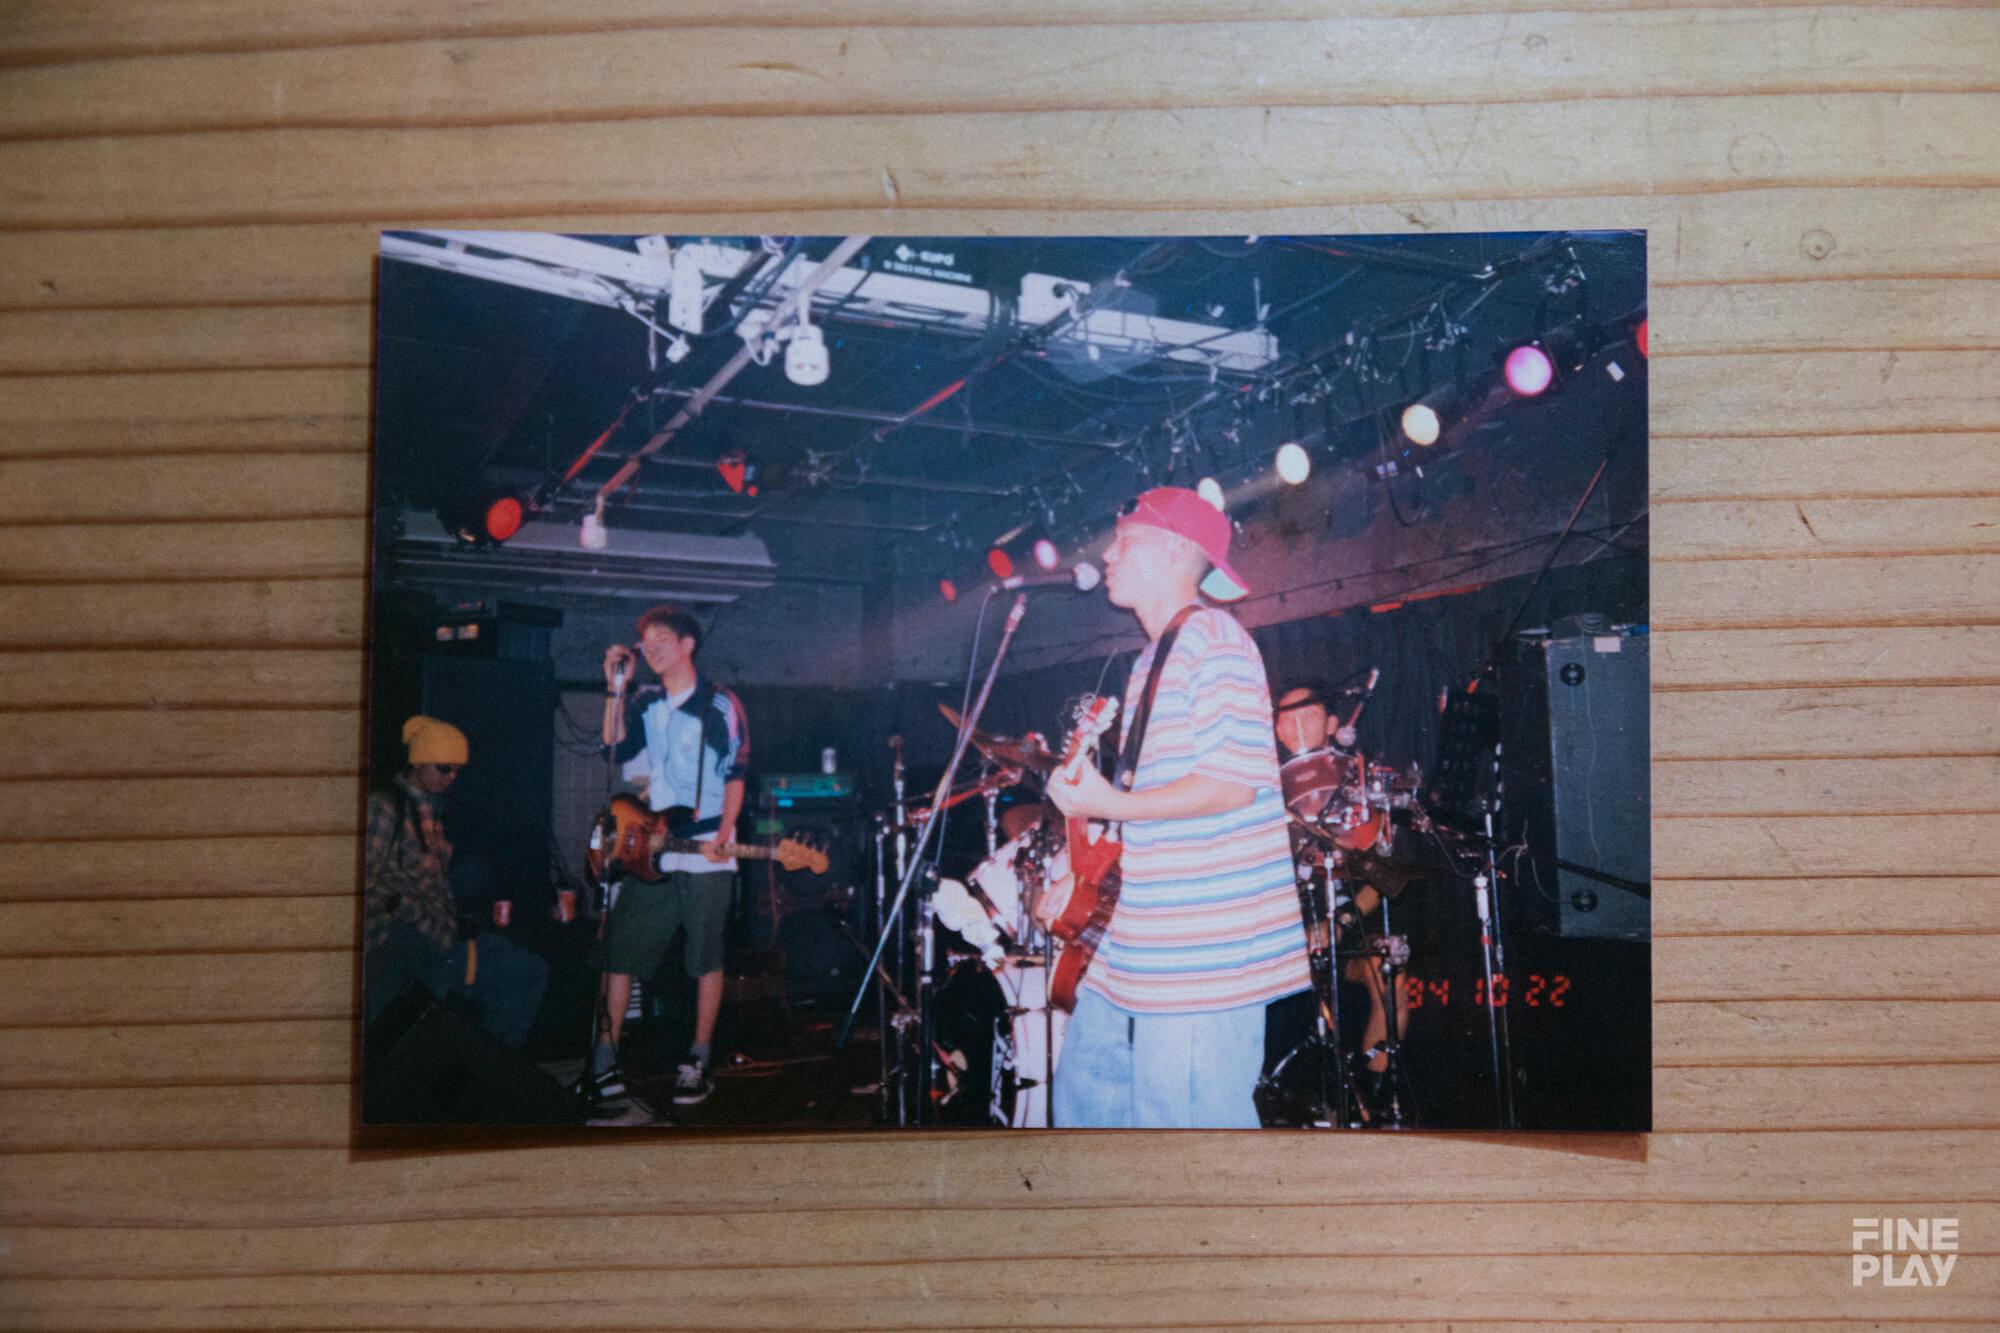 photo by Kazuki Murata